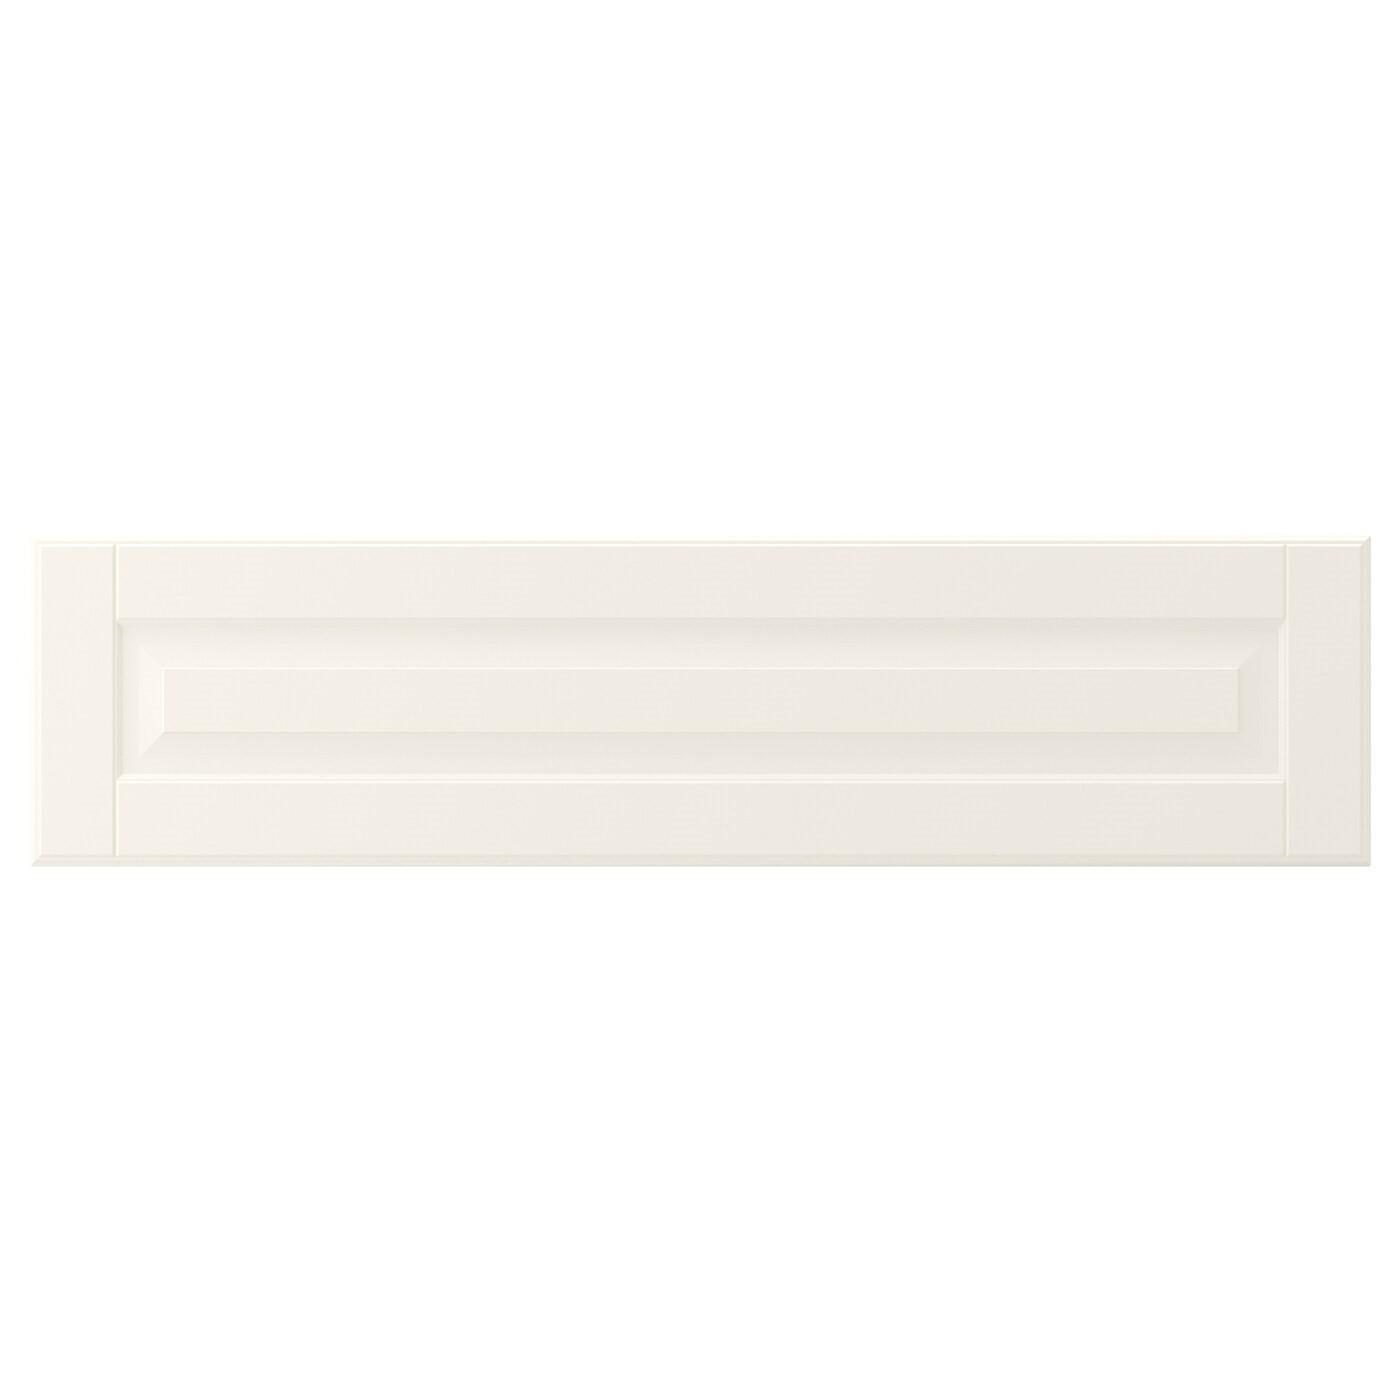 IKEA БУДБИН Фронтальная панель ящика, белый с оттенком, 80x20 см 902.054.98